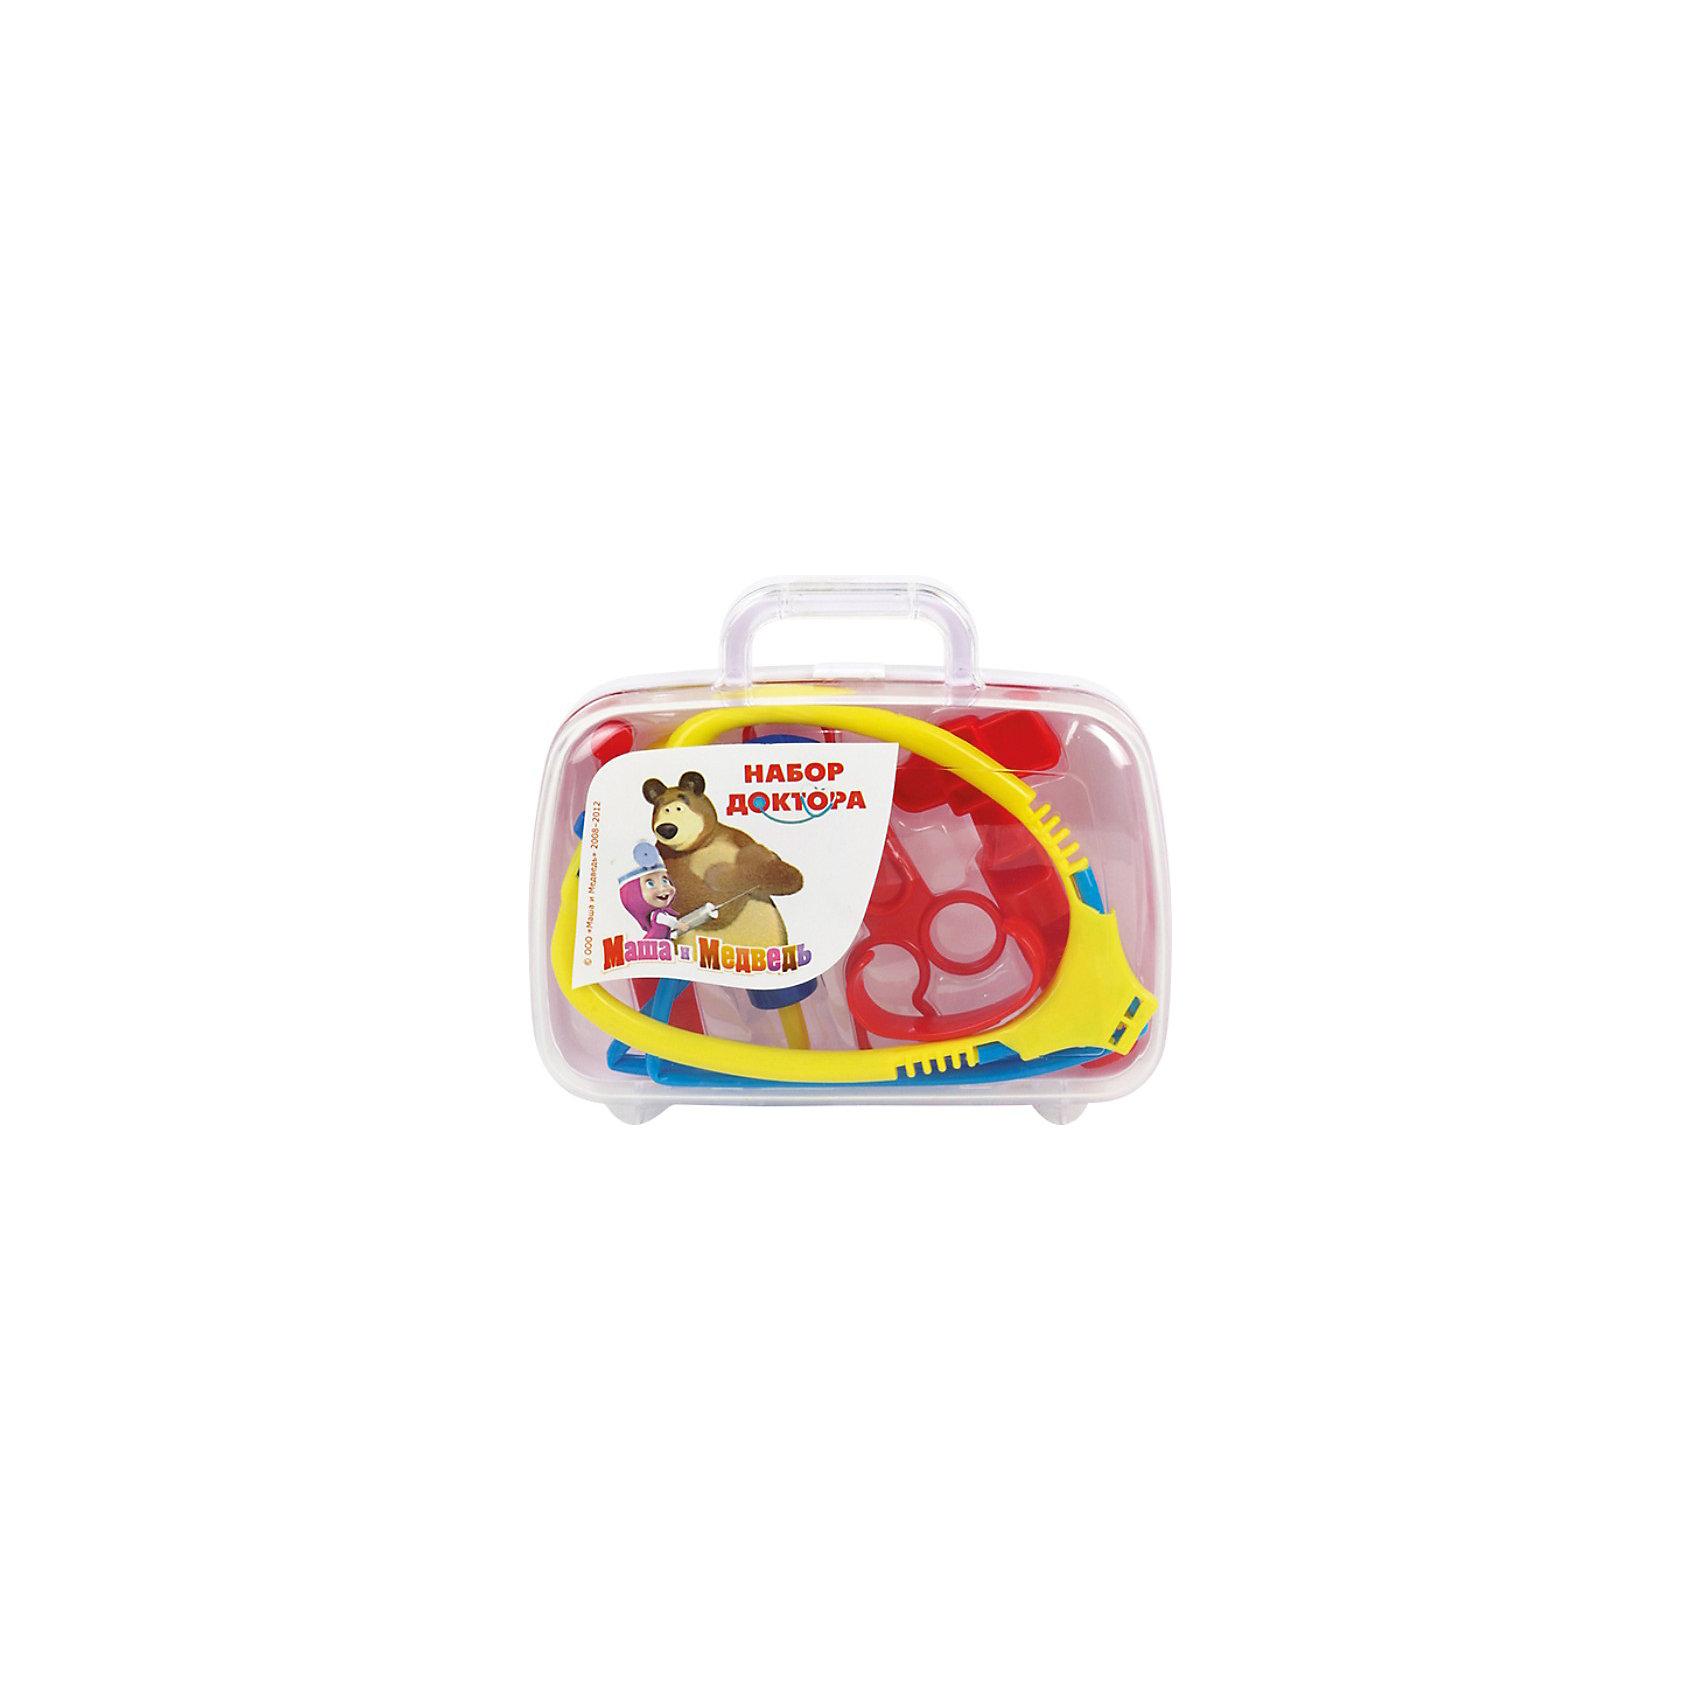 Набор доктора в пластиковом чемодане, Маша и Медведь, Играем вместеИгрушки<br>Набор доктора в пластиковом чемодане, Маша и Медведь, Играем вместе, в ассортименте – это отличный подарок для юного доктора.<br>Этот набор незаменим для маленького доктора или медсестры! Ведь в нем ребенок все необходимое для скорой помощи заболевшему. Шесть различных медицинских предметов помогут спасти любого пациента, а удобный пластиковый чемоданчик просто незаменим в больничных делах! Играй в доктора вместе с любимыми персонажами мультфильма Маша и медведь!<br><br>Дополнительная информация:<br><br>- В наборе: шесть медицинских предметов, чемодан<br>- Материал: пластик<br>- Размер упаковки: 18 х 16 х 5 см.<br>- Вес: 270 гр.<br><br>Данный артикул может быть представлен в разных вариантах исполнения. К сожалению, заранее выбрать определенный вариант невозможно. При заказе нескольких наборов возможно получение одинаковых.<br><br>Набор доктора в пластиковом чемодане, Маша и Медведь, Играем вместе, в ассортименте можно купить в нашем интернет-магазине.<br><br>Ширина мм: 50<br>Глубина мм: 180<br>Высота мм: 160<br>Вес г: 270<br>Возраст от месяцев: 24<br>Возраст до месяцев: 120<br>Пол: Унисекс<br>Возраст: Детский<br>SKU: 3848621